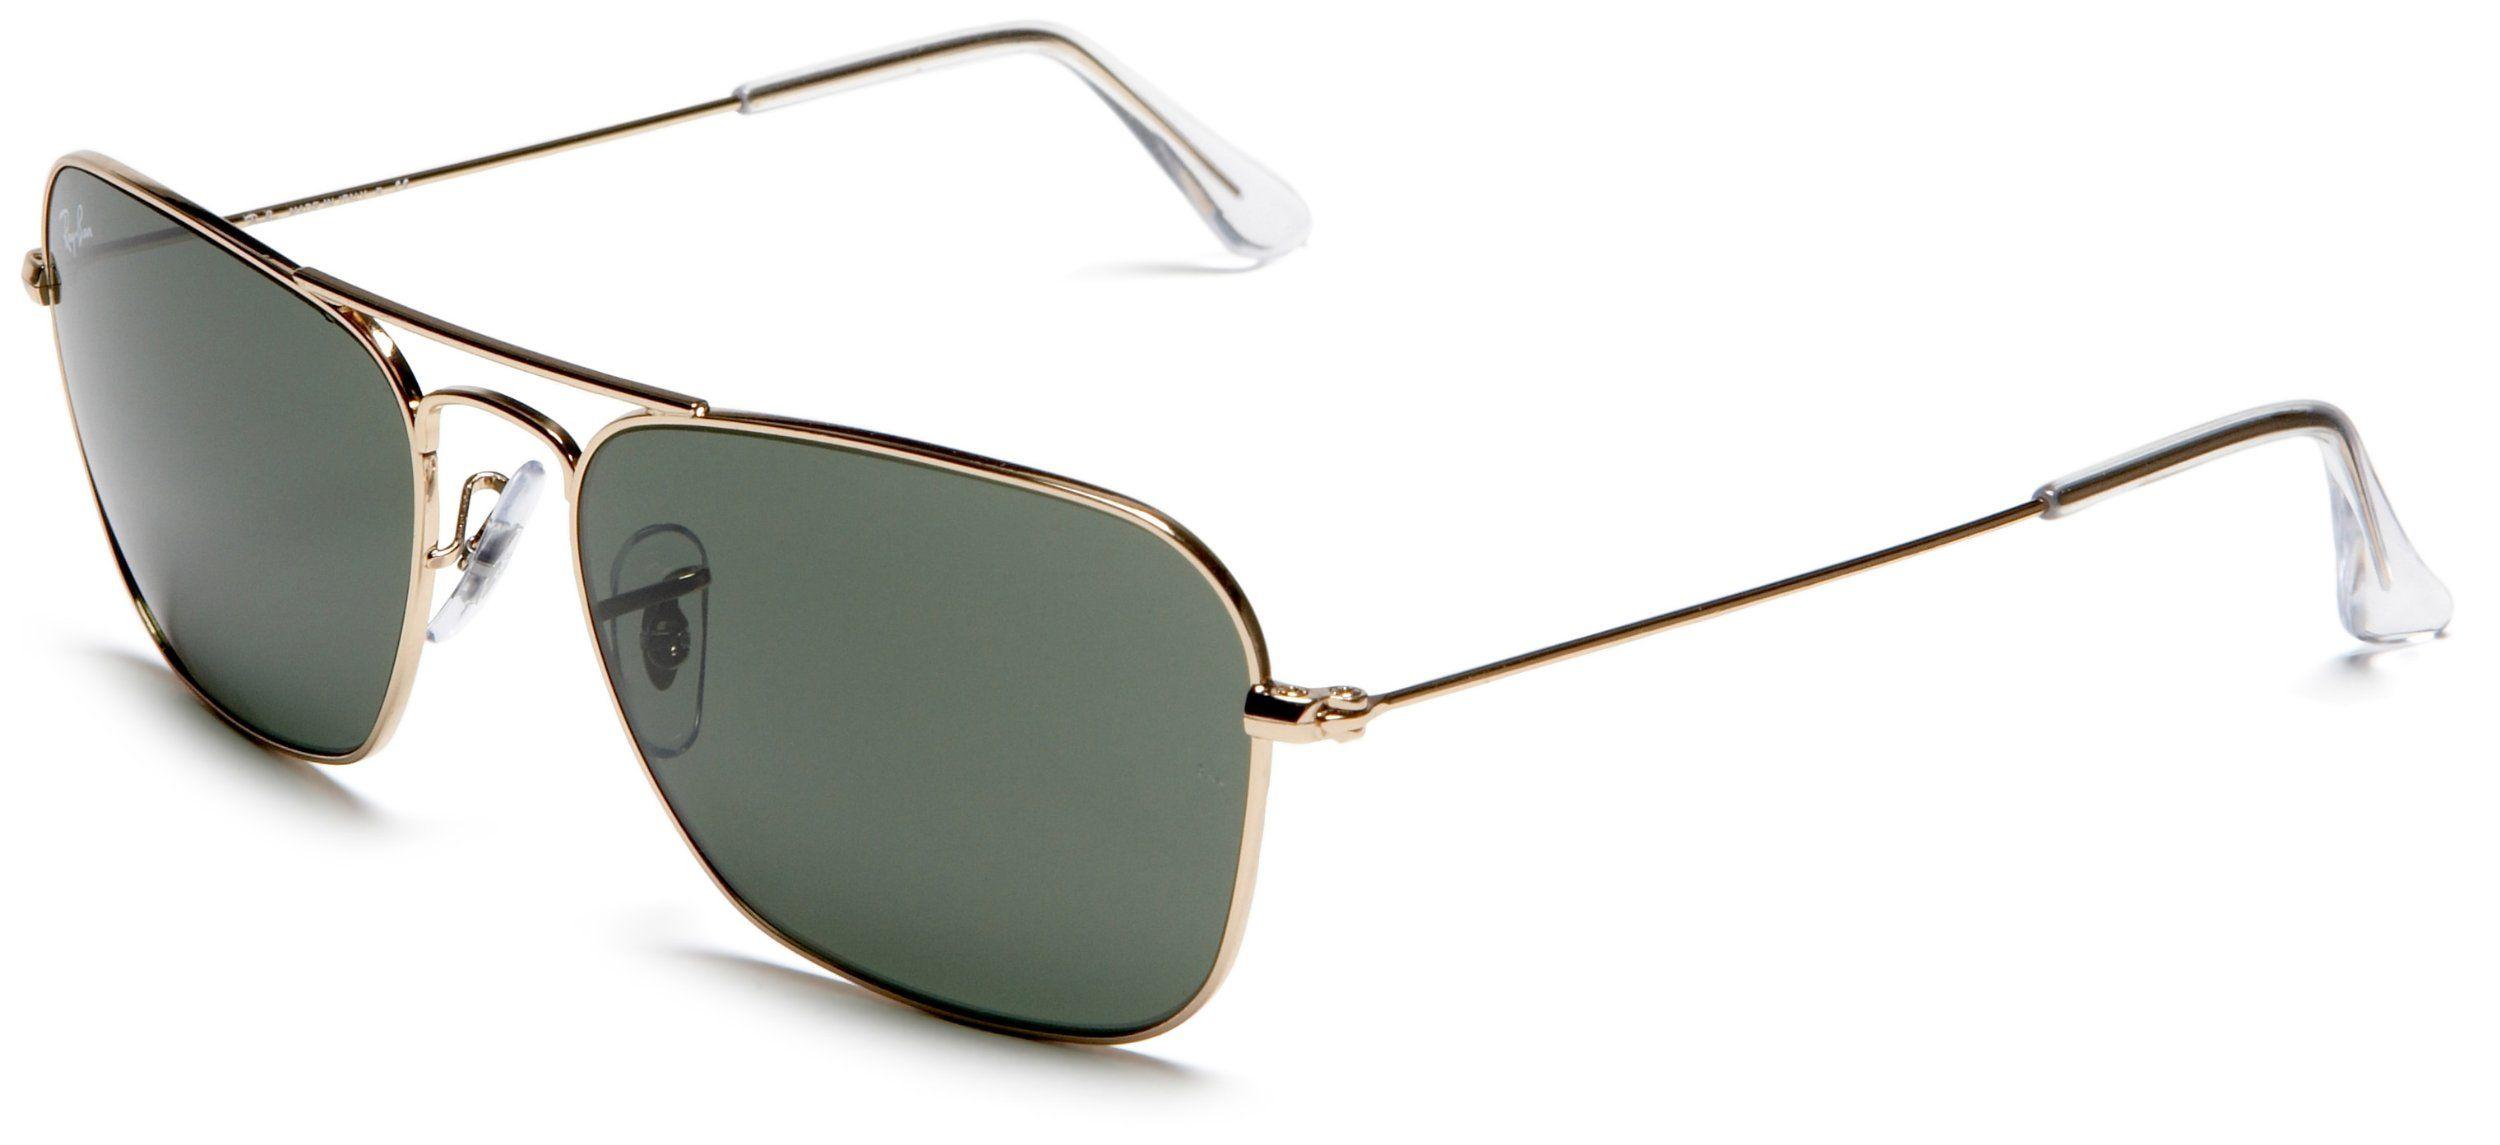 15b23c916d9 Amazon.com  Ray-Ban RB3136 Caravan Sunglasses 55 mm